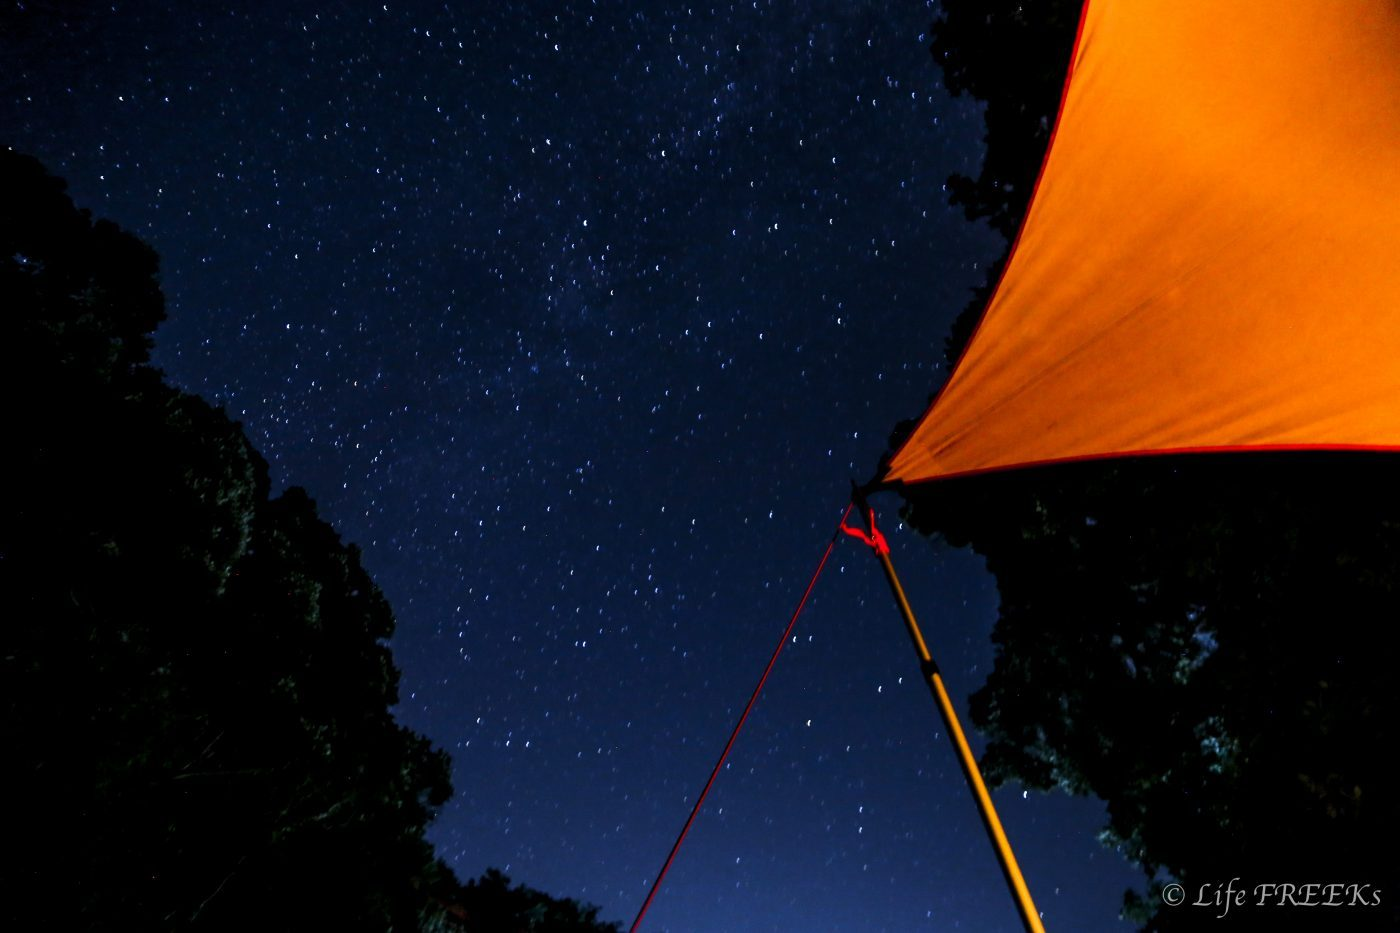 満天の星空はキャンプだからこそ見ることができる